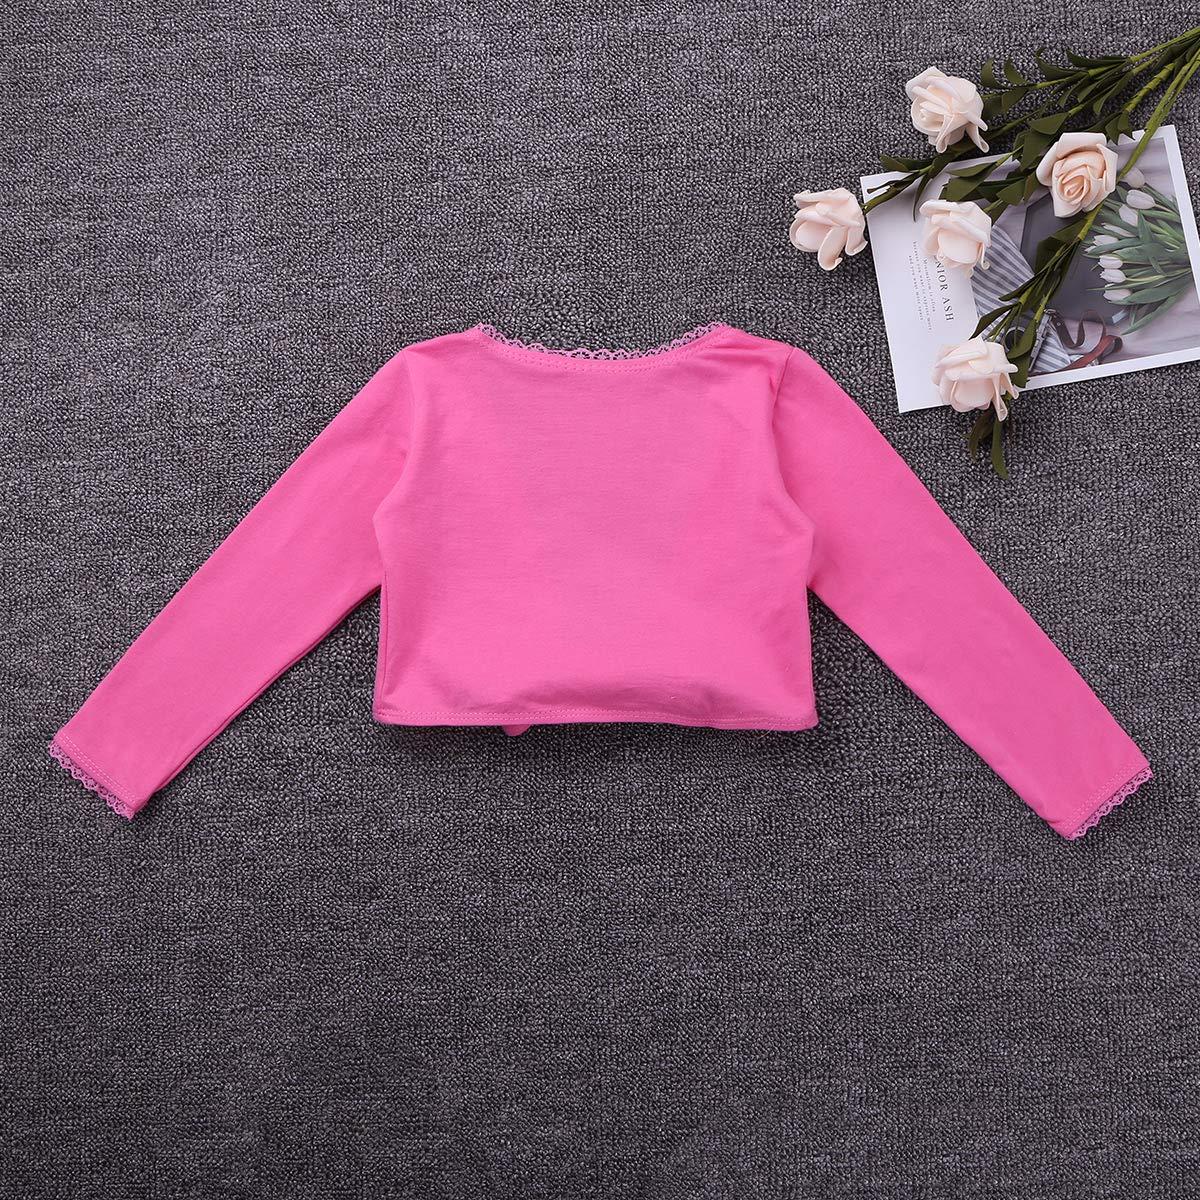 MSemis Enfant Fille Bol/éro de Ballet Danse Classique Haut /à Manche Longue Manteau Coton Cardigan Cape de Gymnastique Manteau de Sport Yoga Veste 2-12 Ans